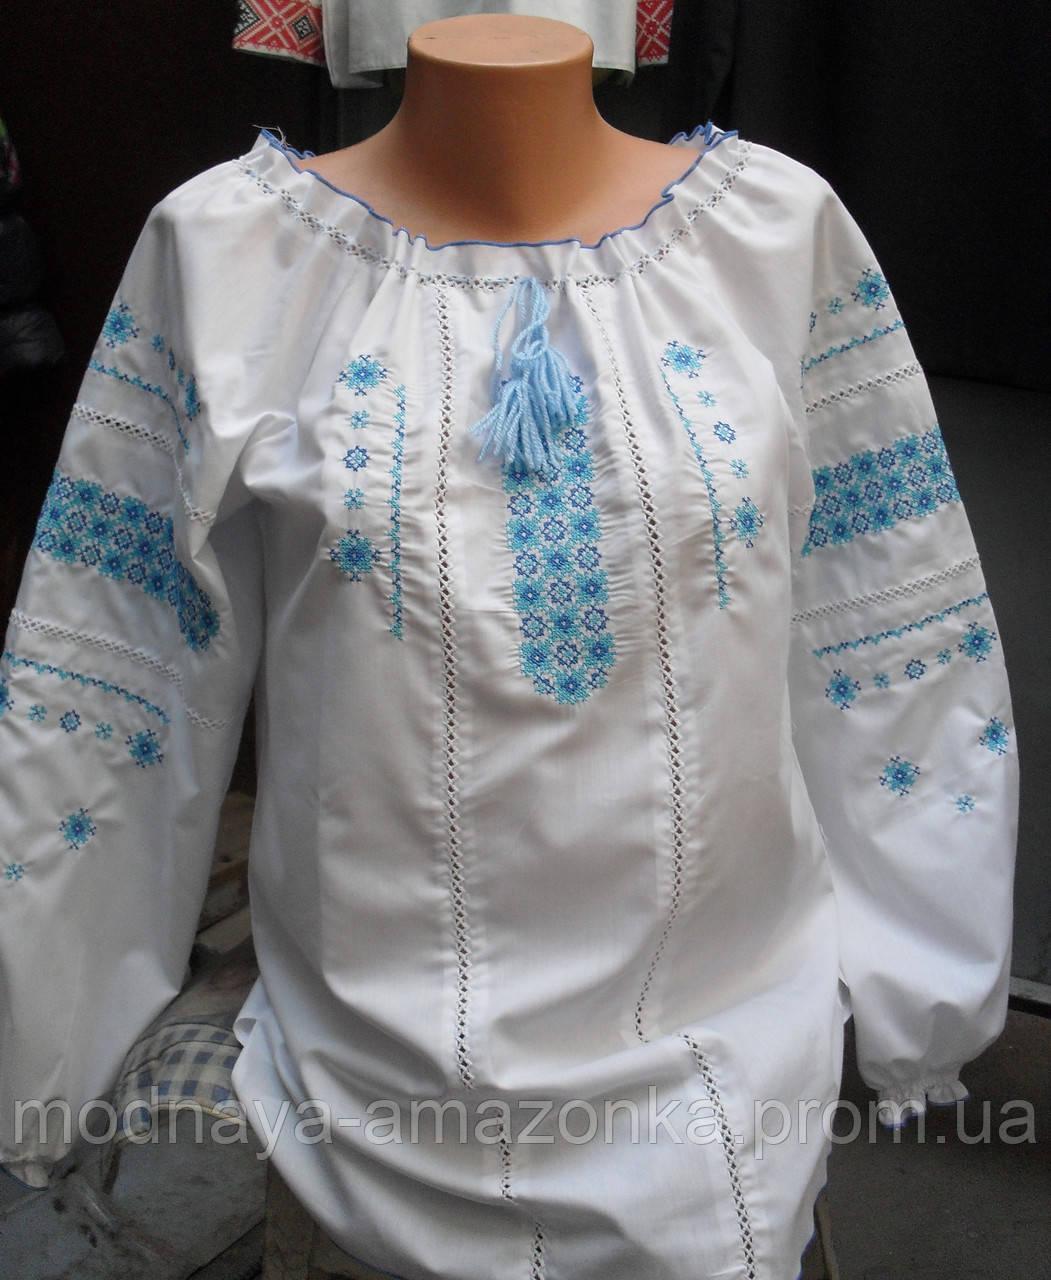 Блузка Вышиванка В Челябинске